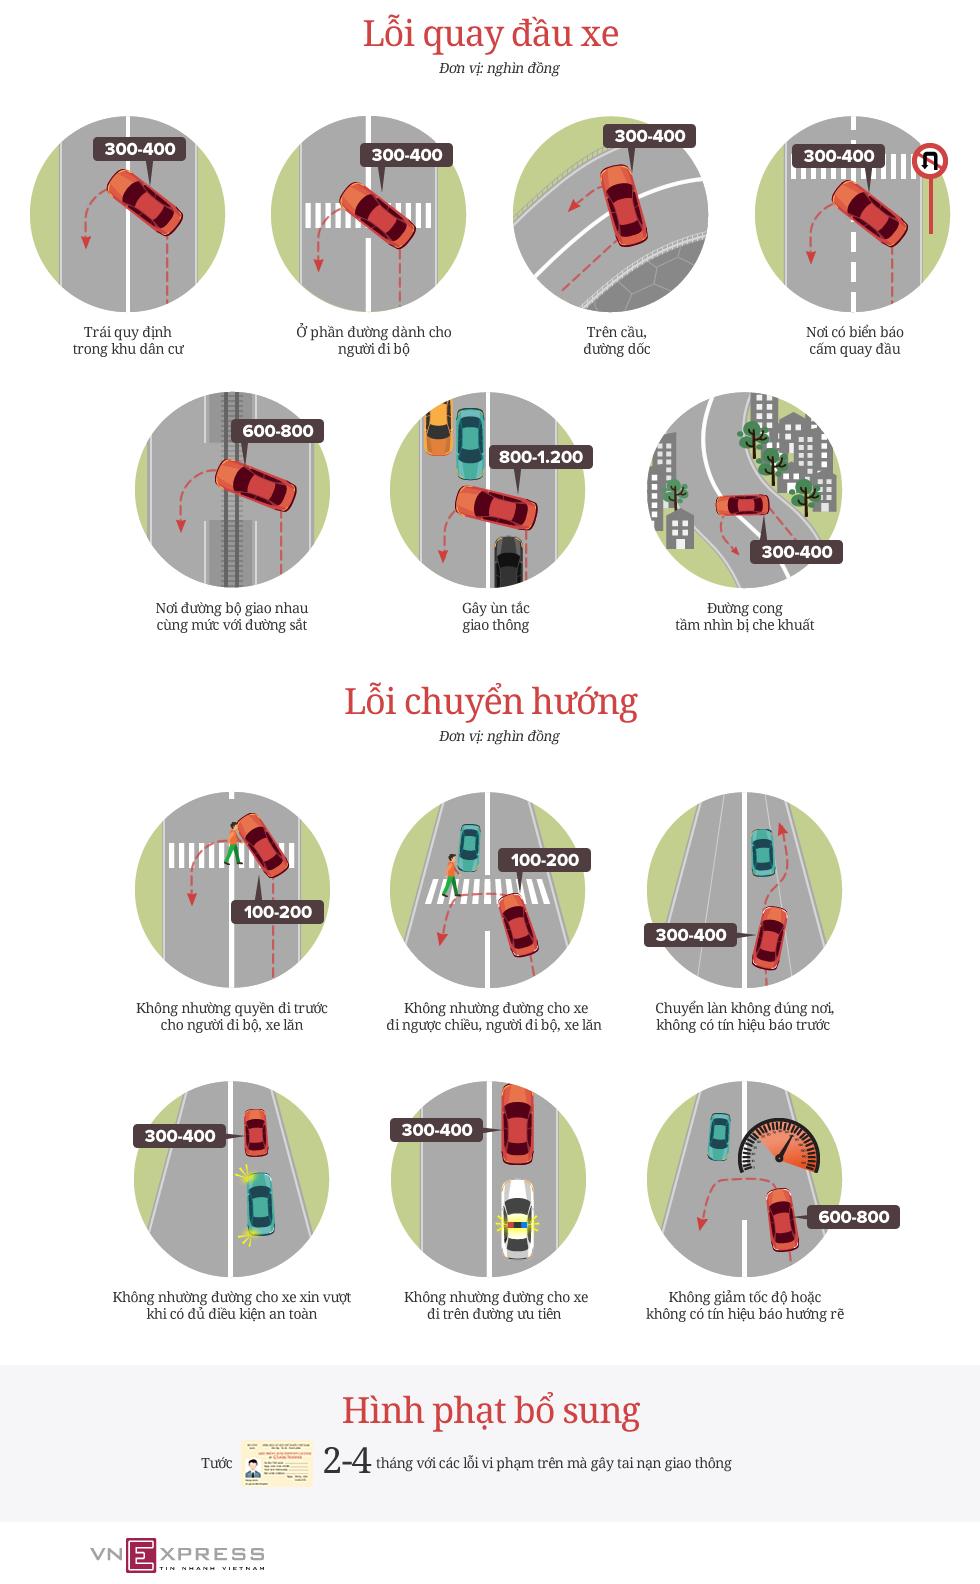 Những lỗi quay đầu, chuyển hướng ôtô sẽ bị phạt từ ngày 1/8